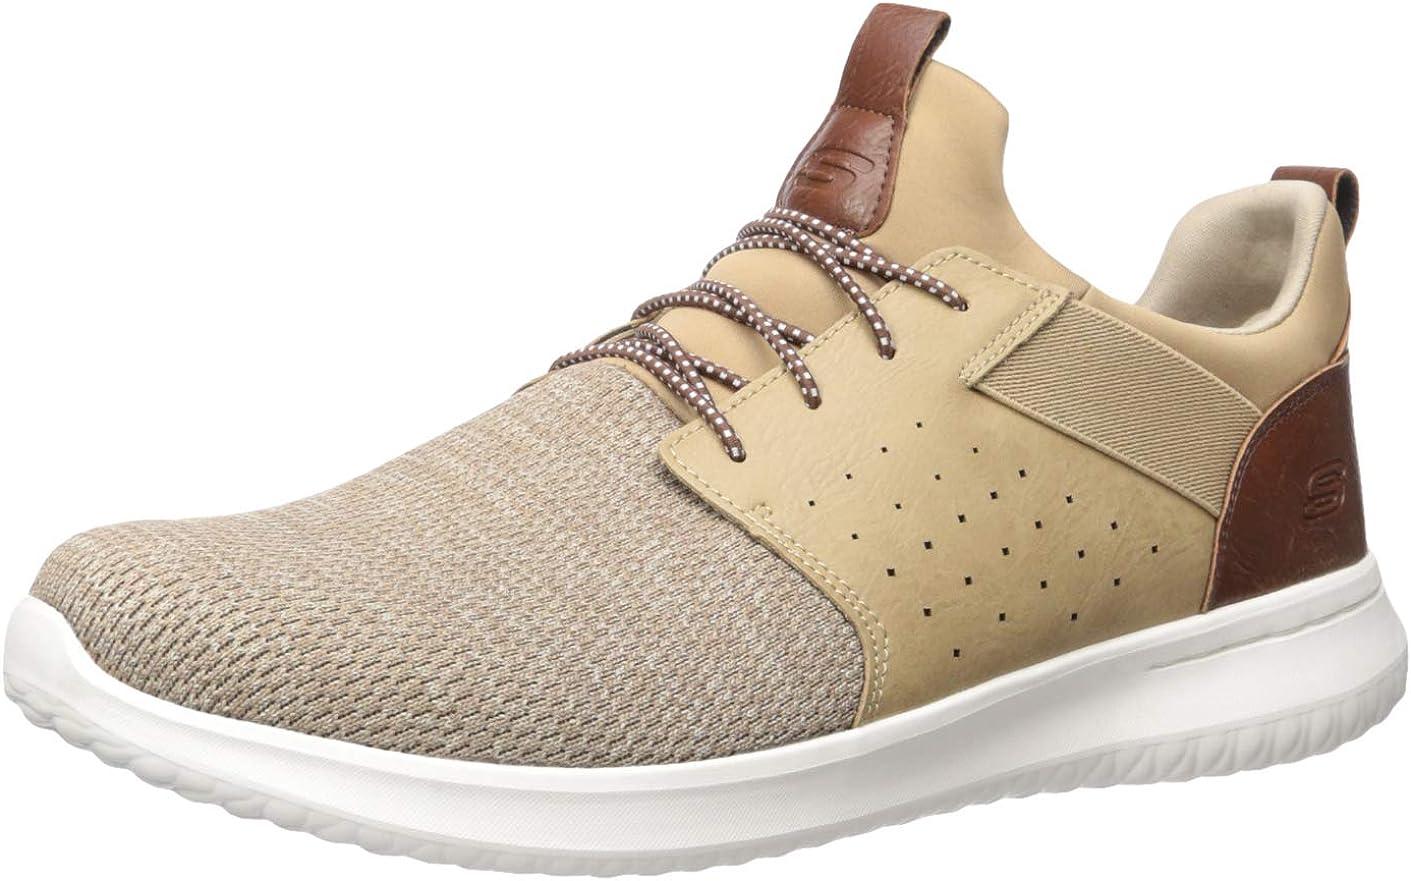 Herrar Skechers Delson Camben Slip On Sneaker zD7hL